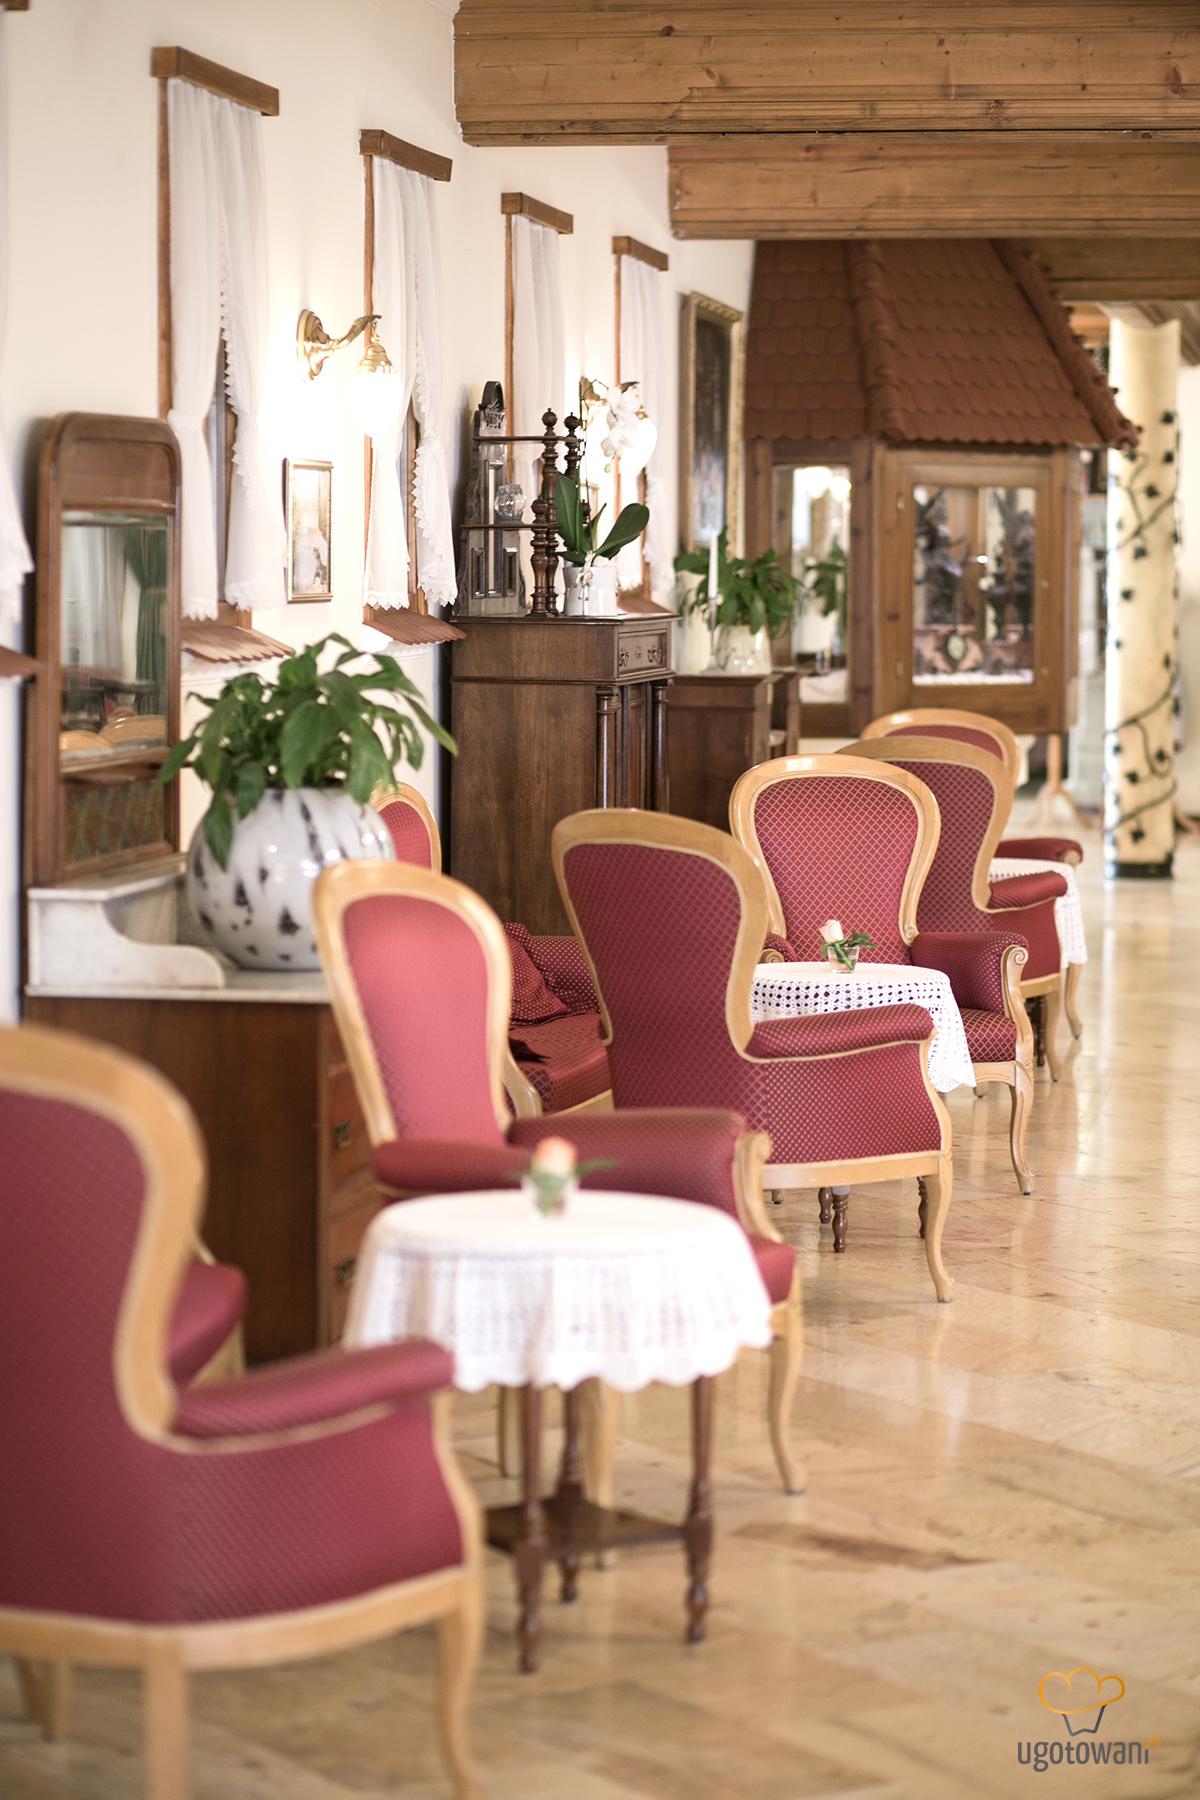 Hotel Belvedere idealny hotel dla dzieci